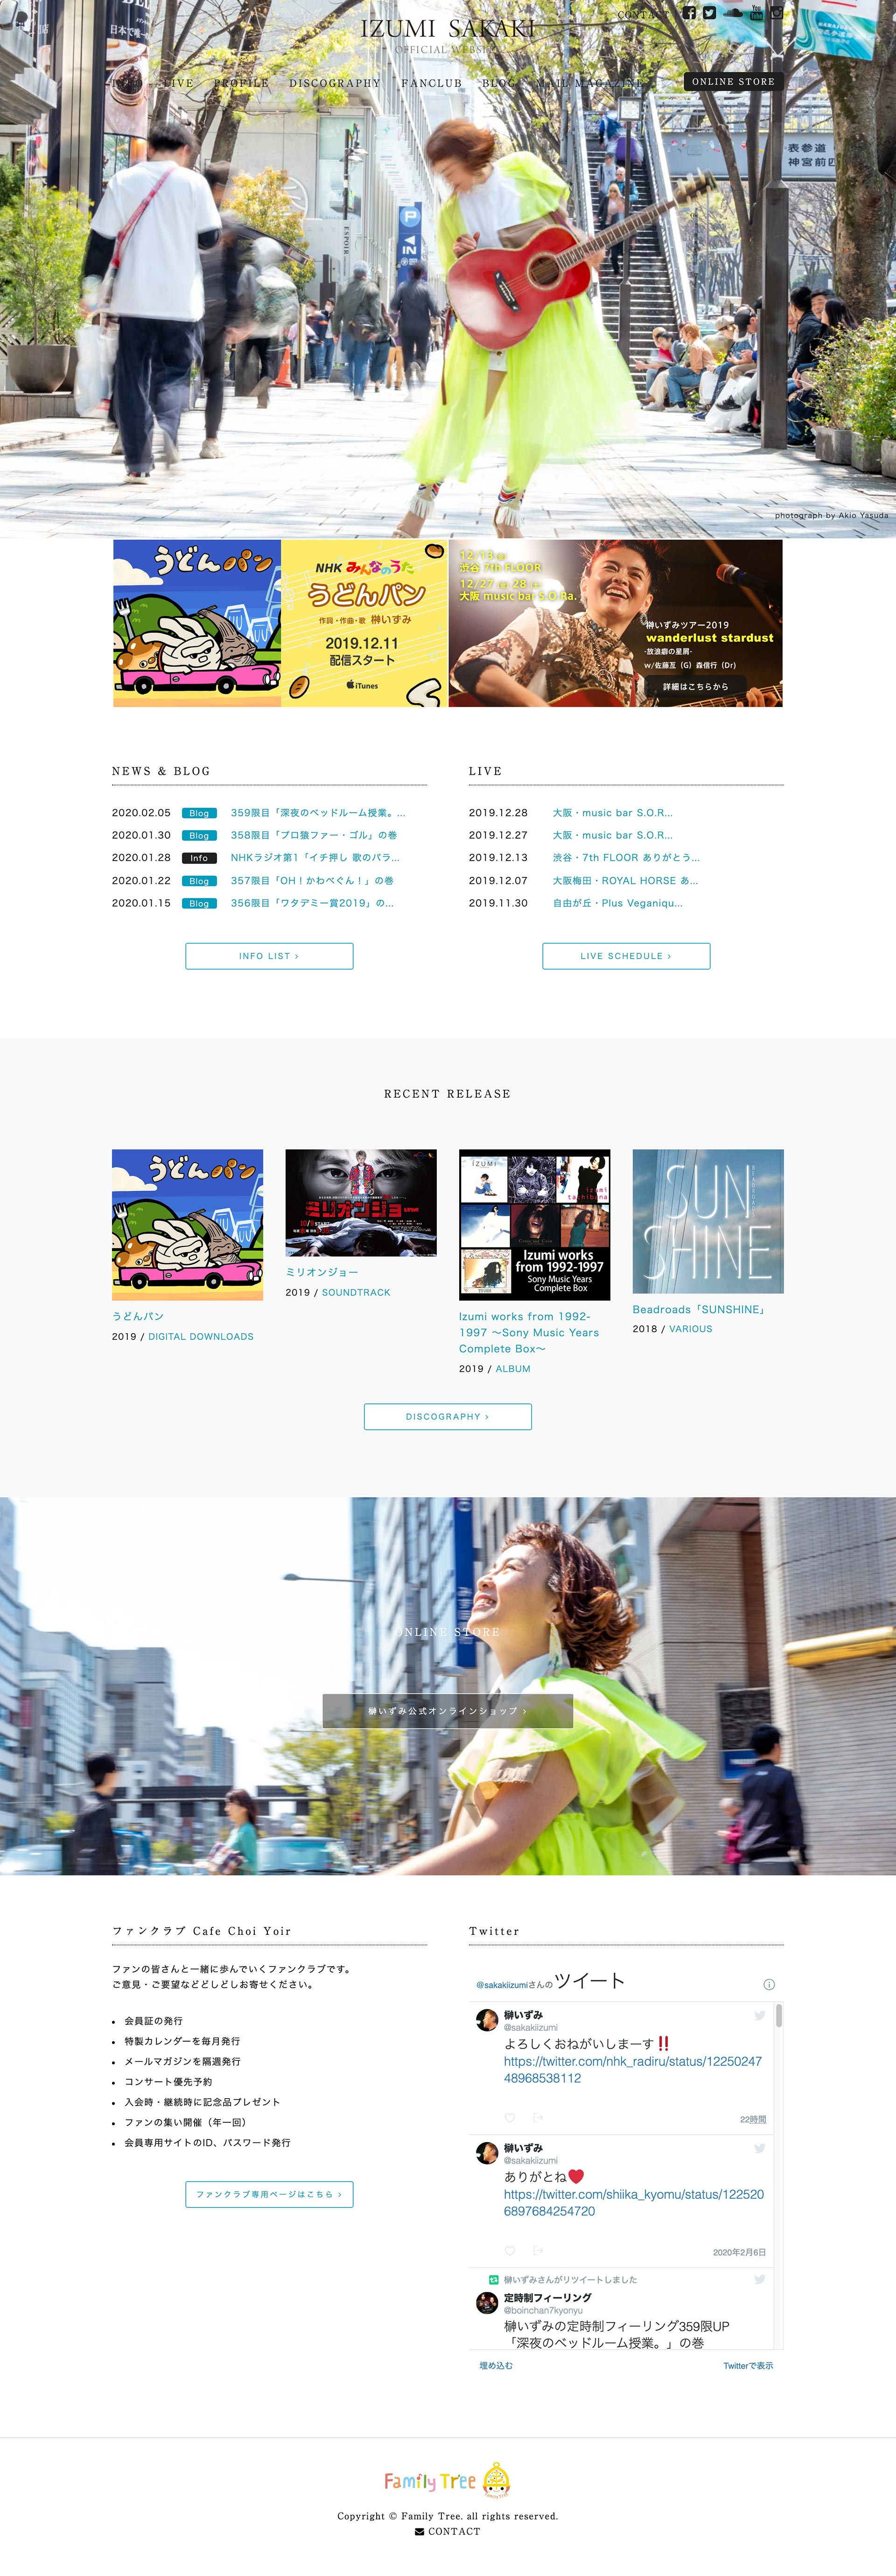 榊いずみ オフィシャルサイト